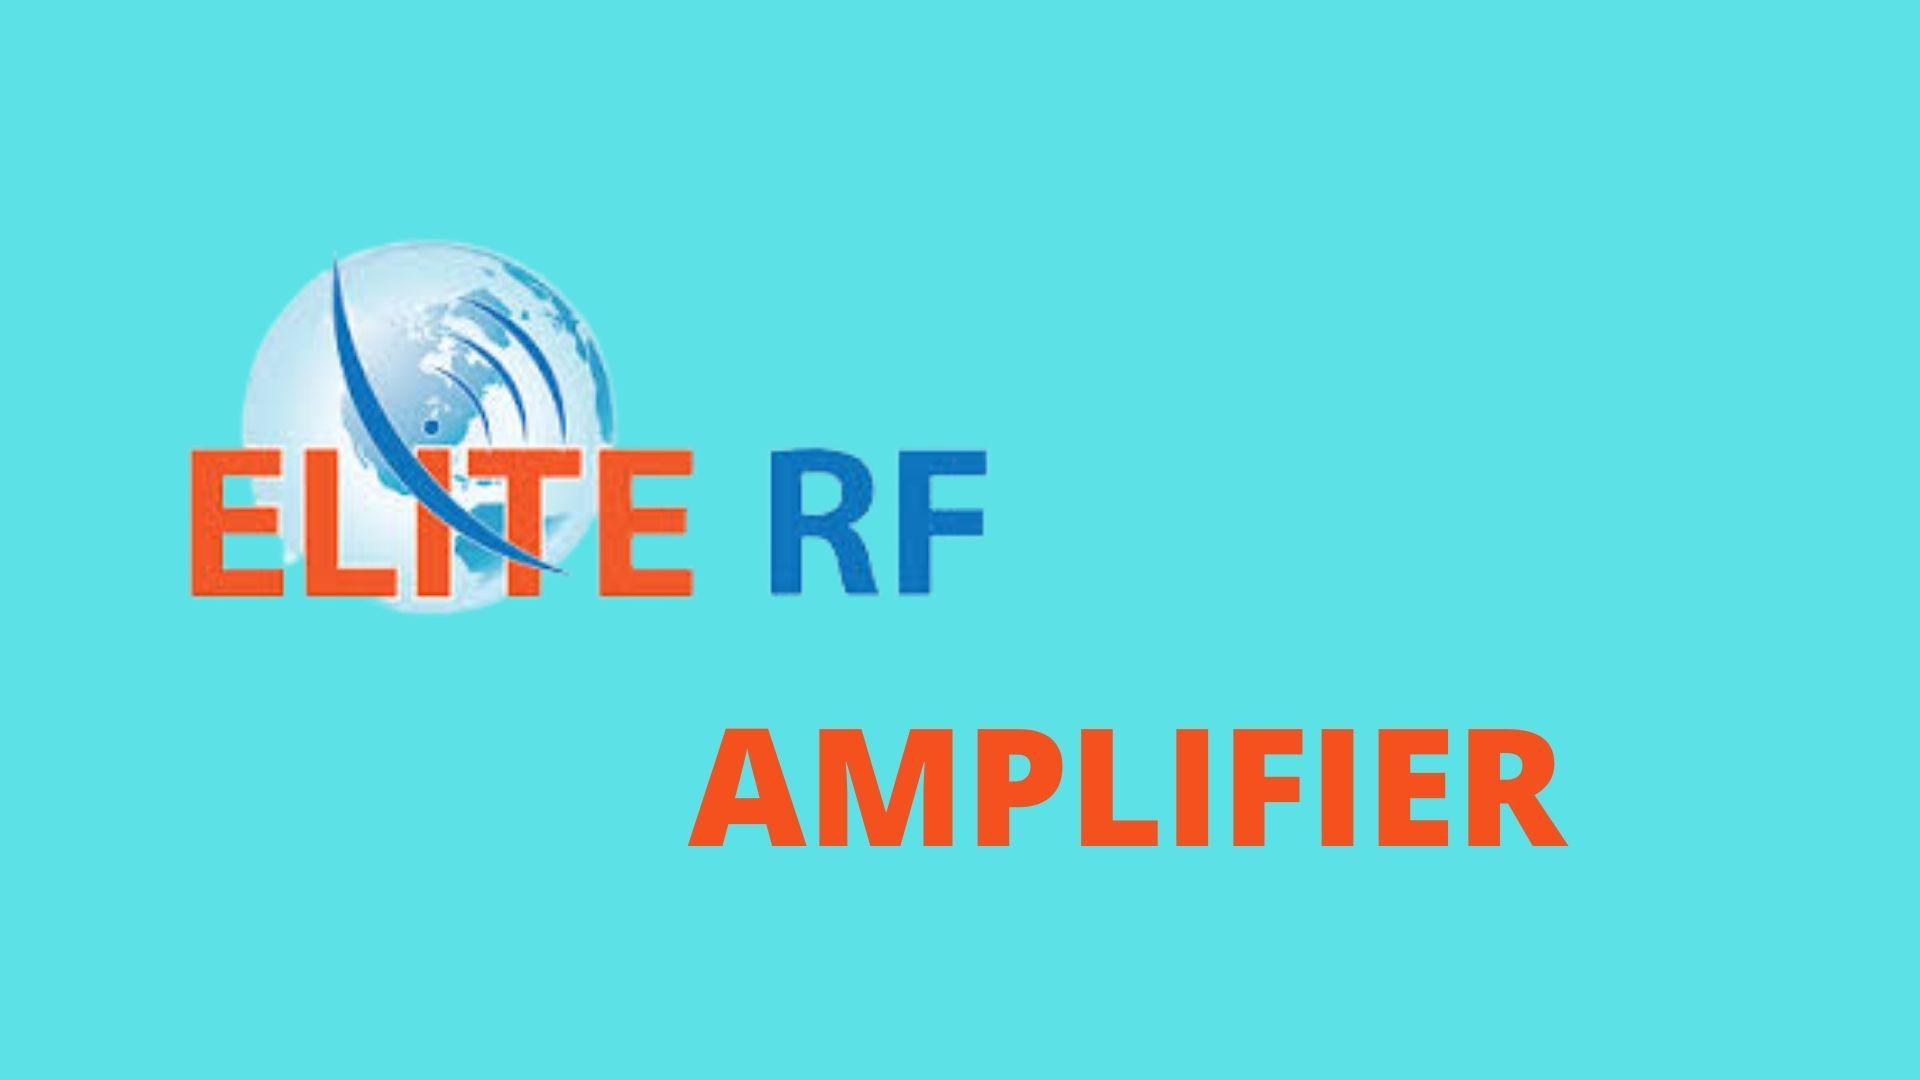 Elite RF Amplifier